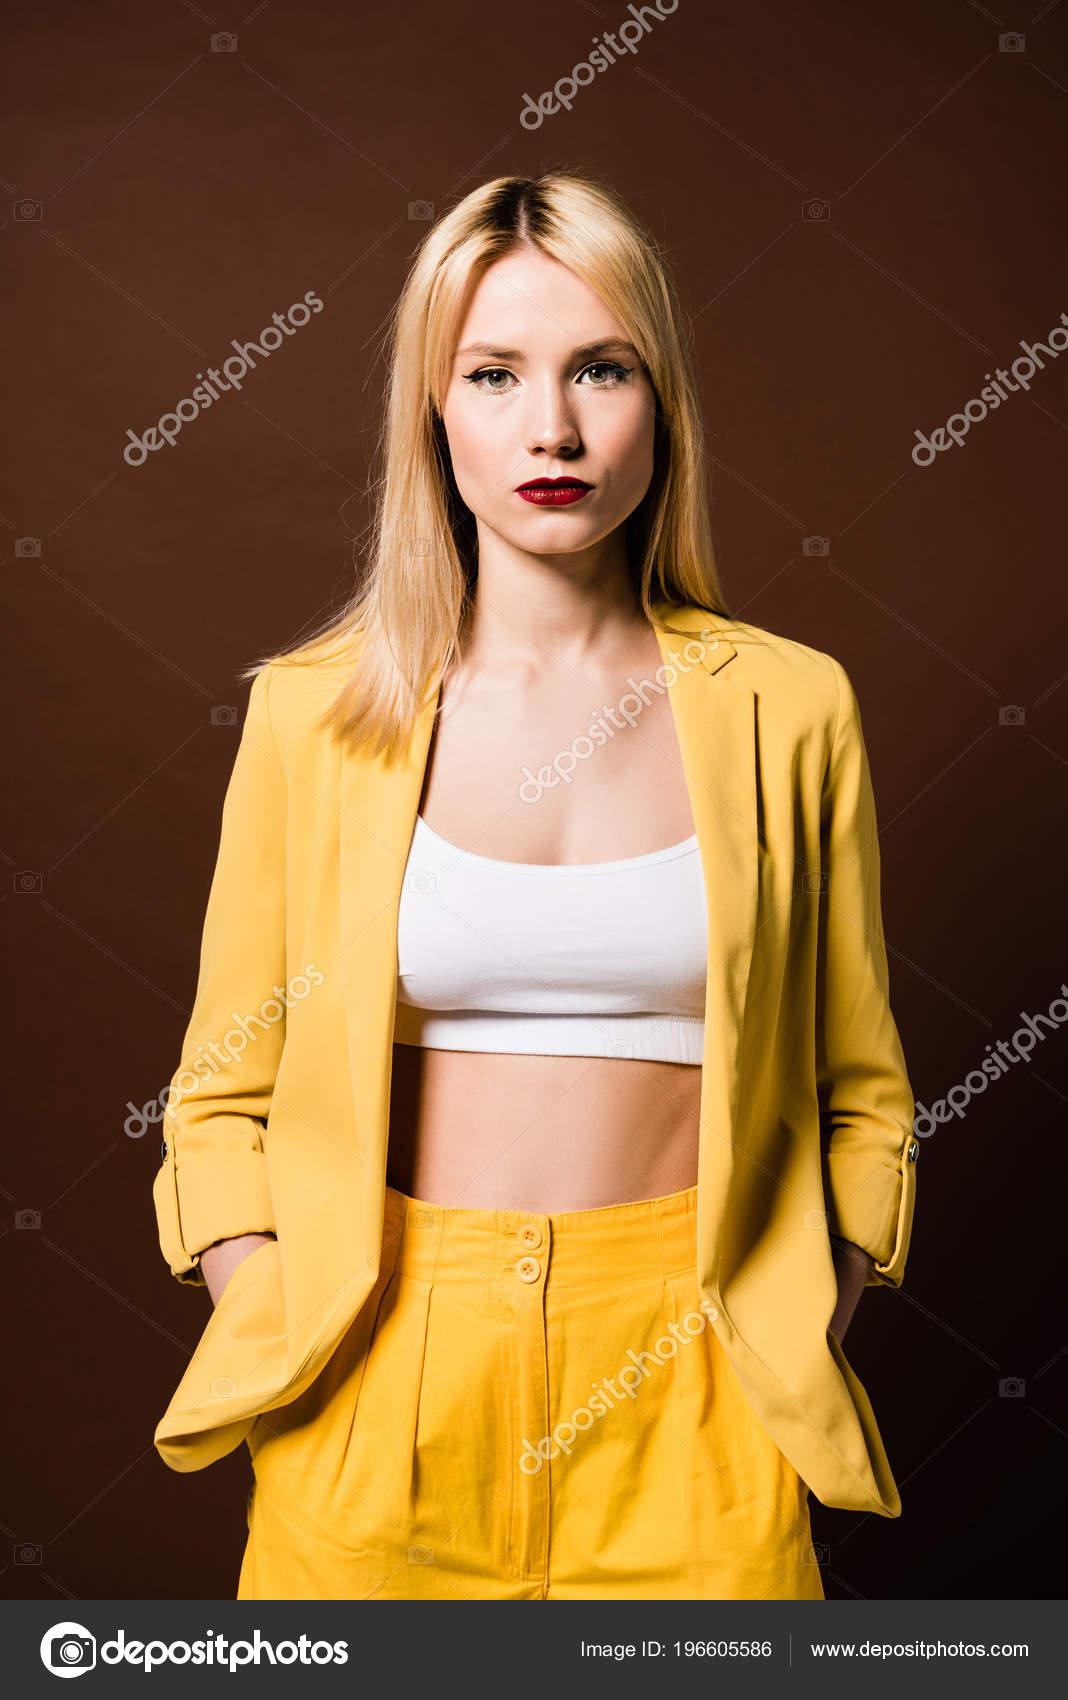 0697c588f25d Retrato Chica Rubia Elegante Ropa Amarilla Pie Con Las Manos — Fotos ...